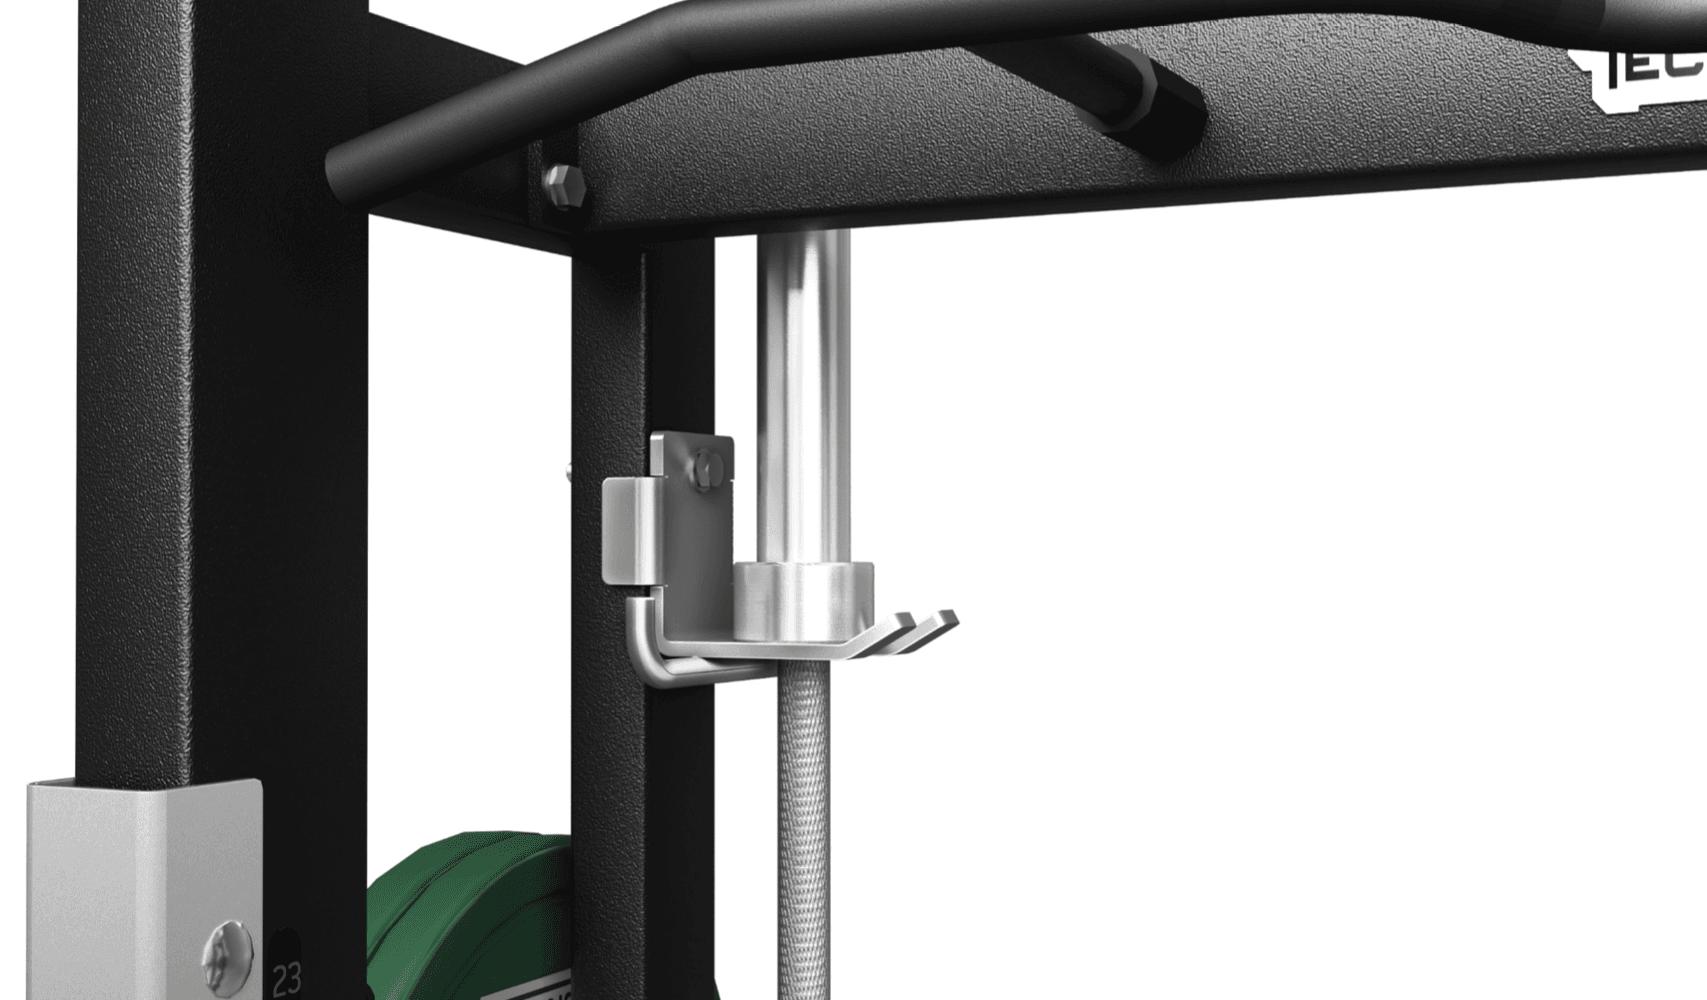 Half Rack och Power Rack   tillbehör och accessoarer